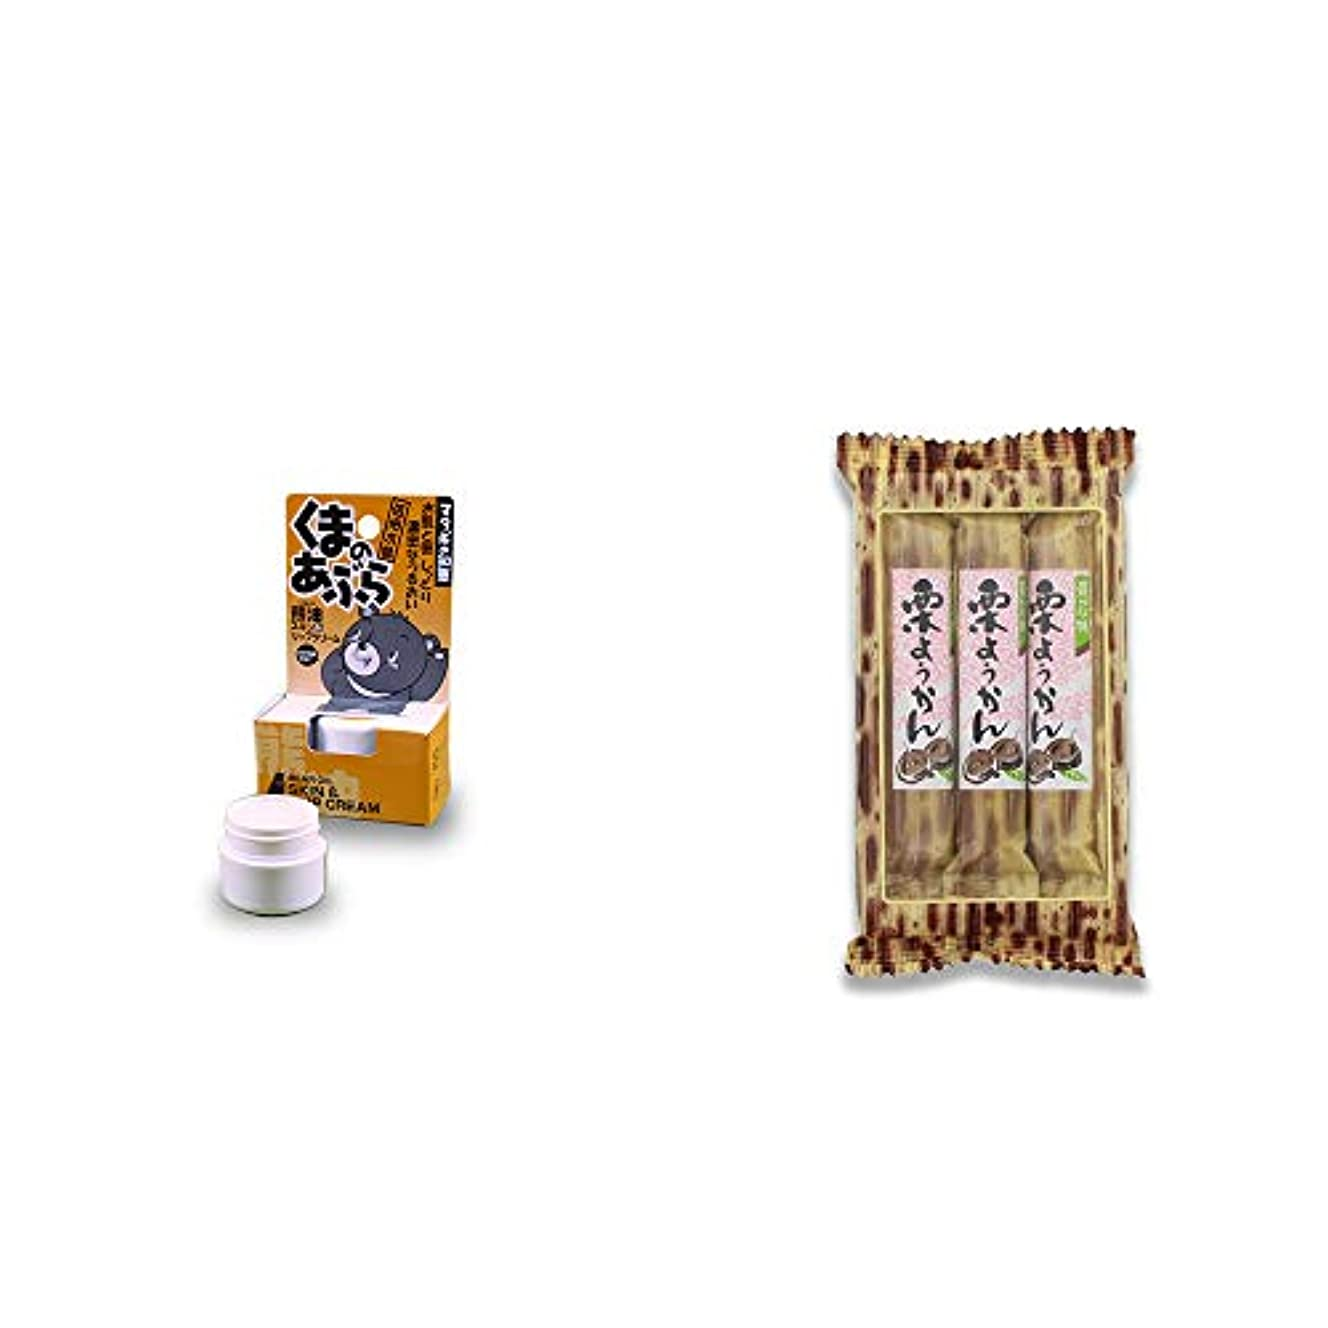 ピカソメジャー人気[2点セット] 信州木曽 くまのあぶら 熊油スキン&リップクリーム(9g)?スティックようかん[栗](50g×3本)